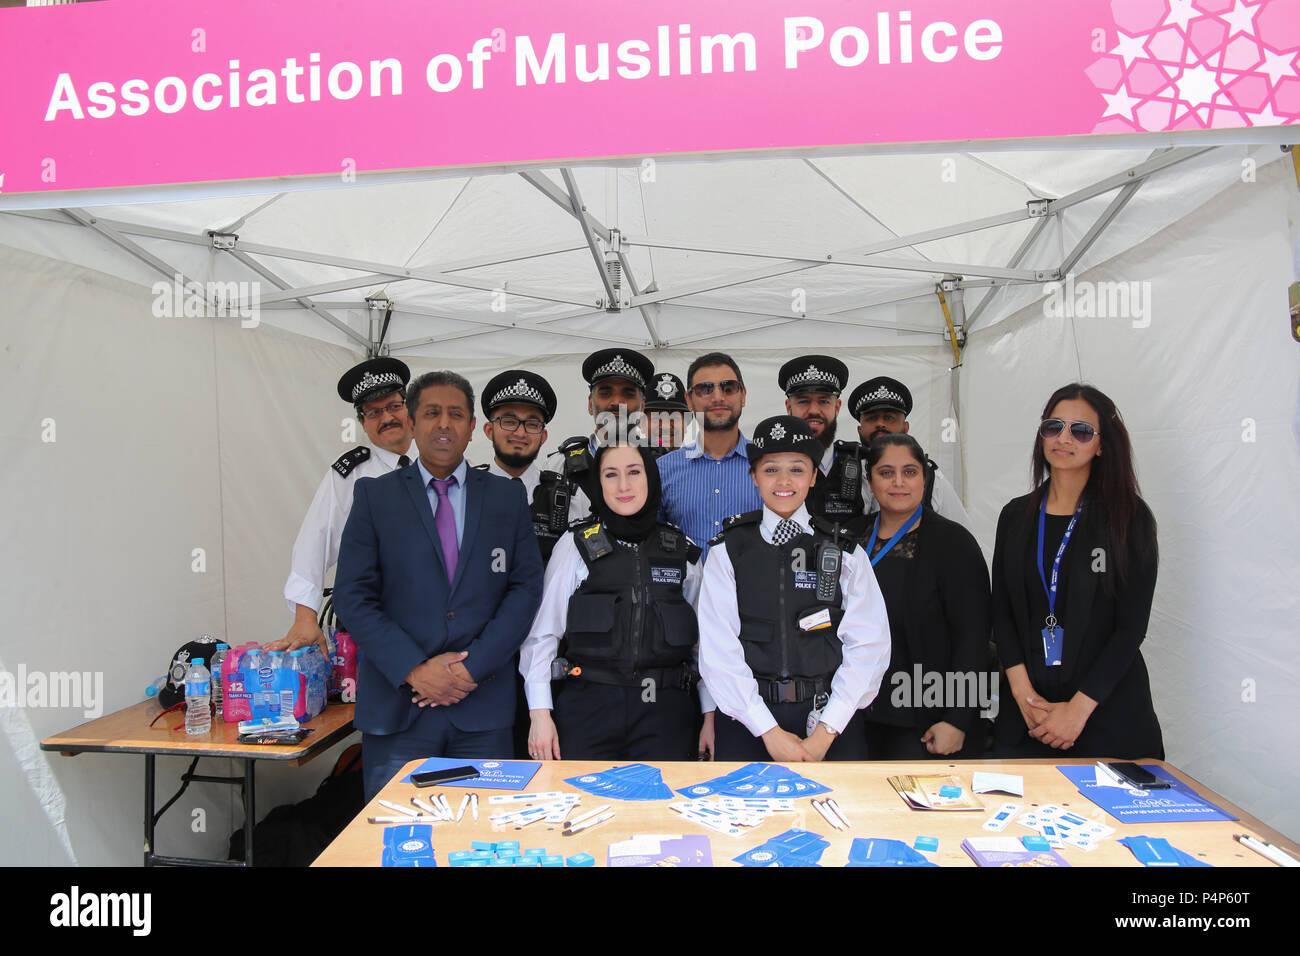 Londres, Royaume-Uni. Le 23 juin 2018. Trafalgar Square, l'Eid ont organisé une fête religieuse musulmane qui marque la fin du mois sacré du Ramadan qui marque la fin d'Saoum ,ou le jeûne,plein de stands vendant des aliments islamique traditionnelle,la promotion de la culture islamique, l'art et de lieux à visiter et d'un spectacle par la police musulmane de Londres ainsi que différents appels aux dons pour aider dans les lieux de besoin@Paul/Quezada-Neiman Alamy Live News Banque D'Images